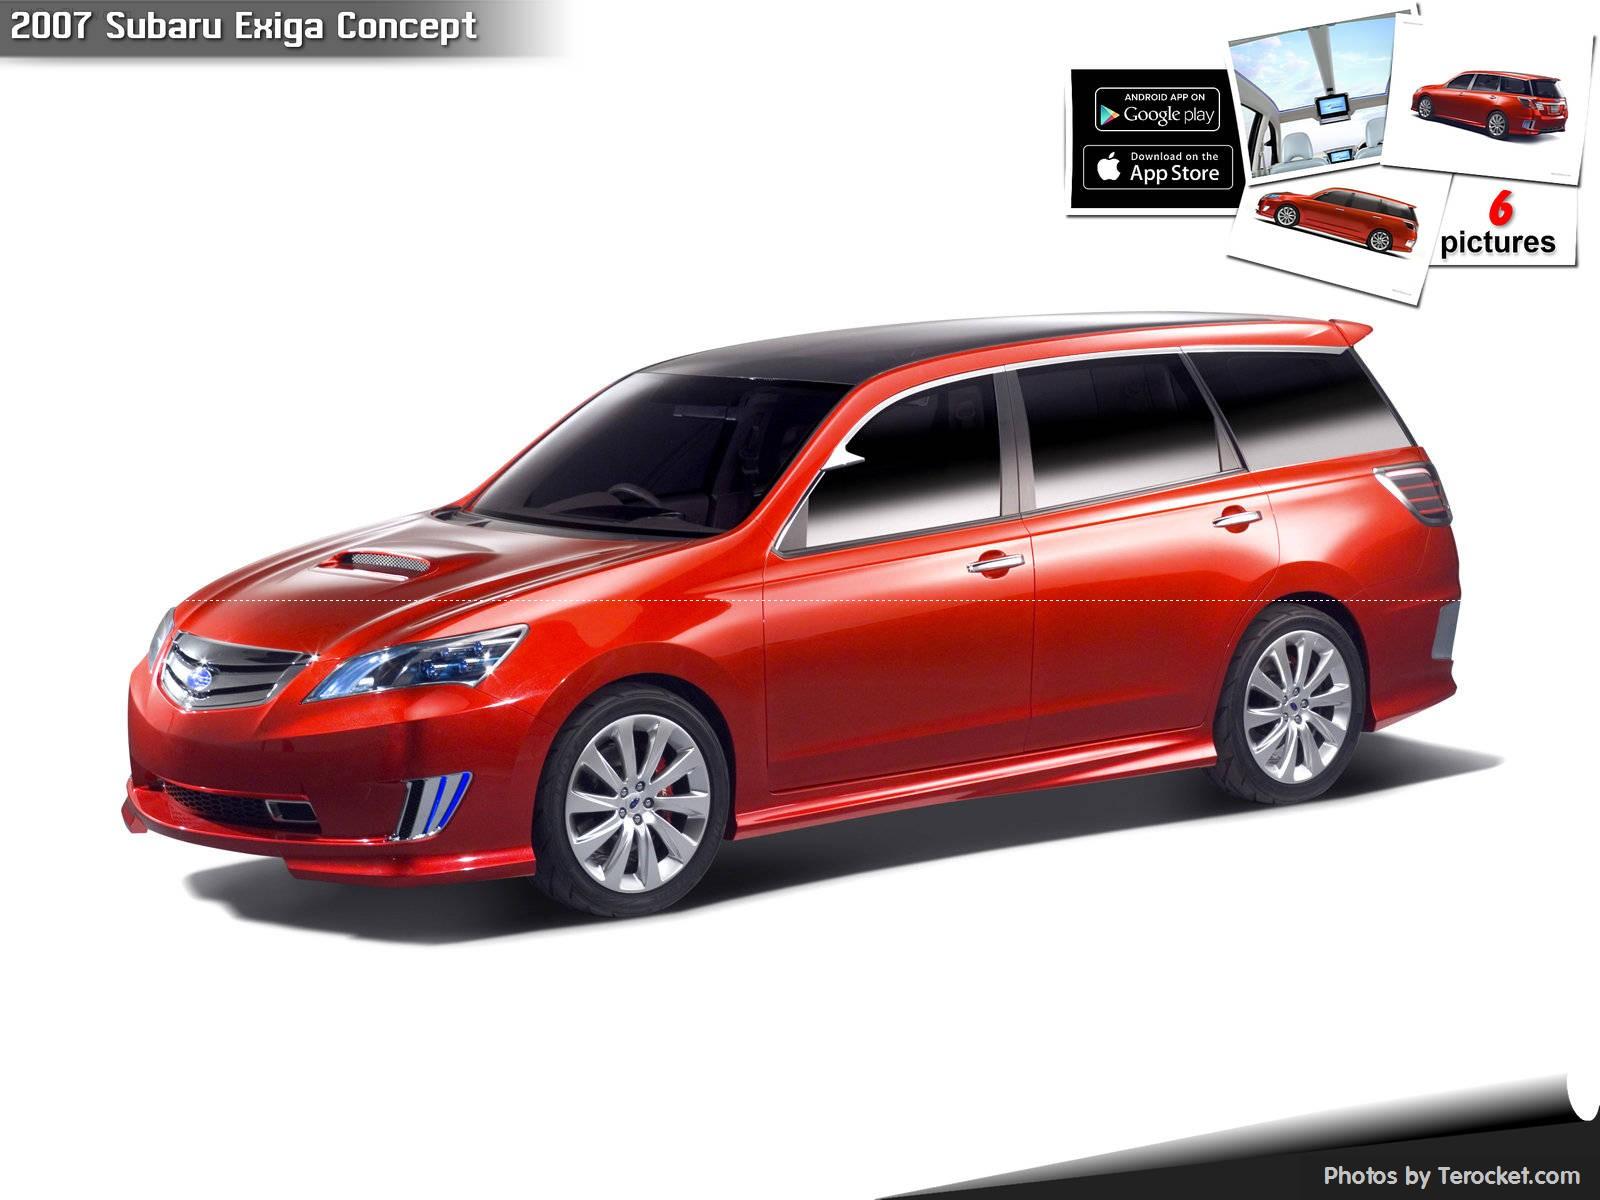 Hình ảnh xe ô tô Subaru Exiga Concept 2007 & nội ngoại thất